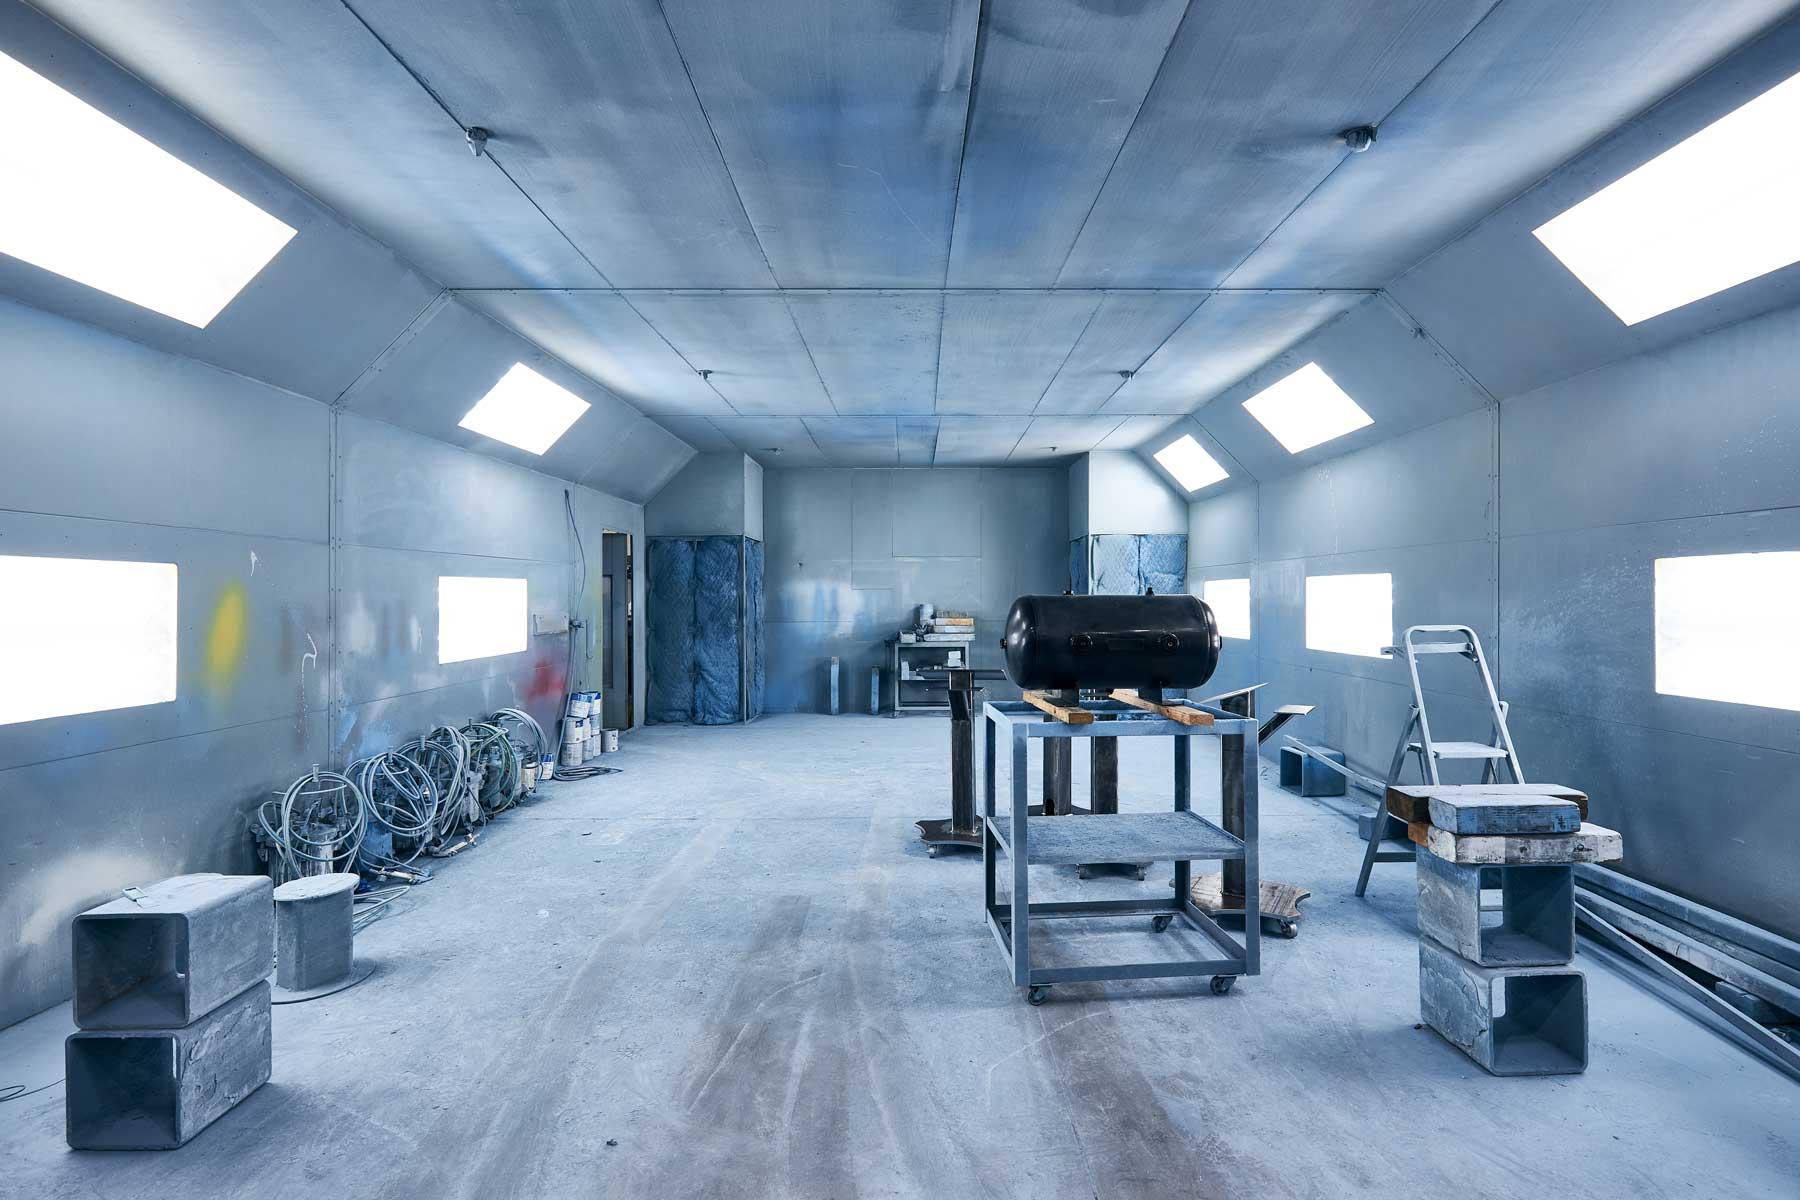 Paint shop on DMS factory floor